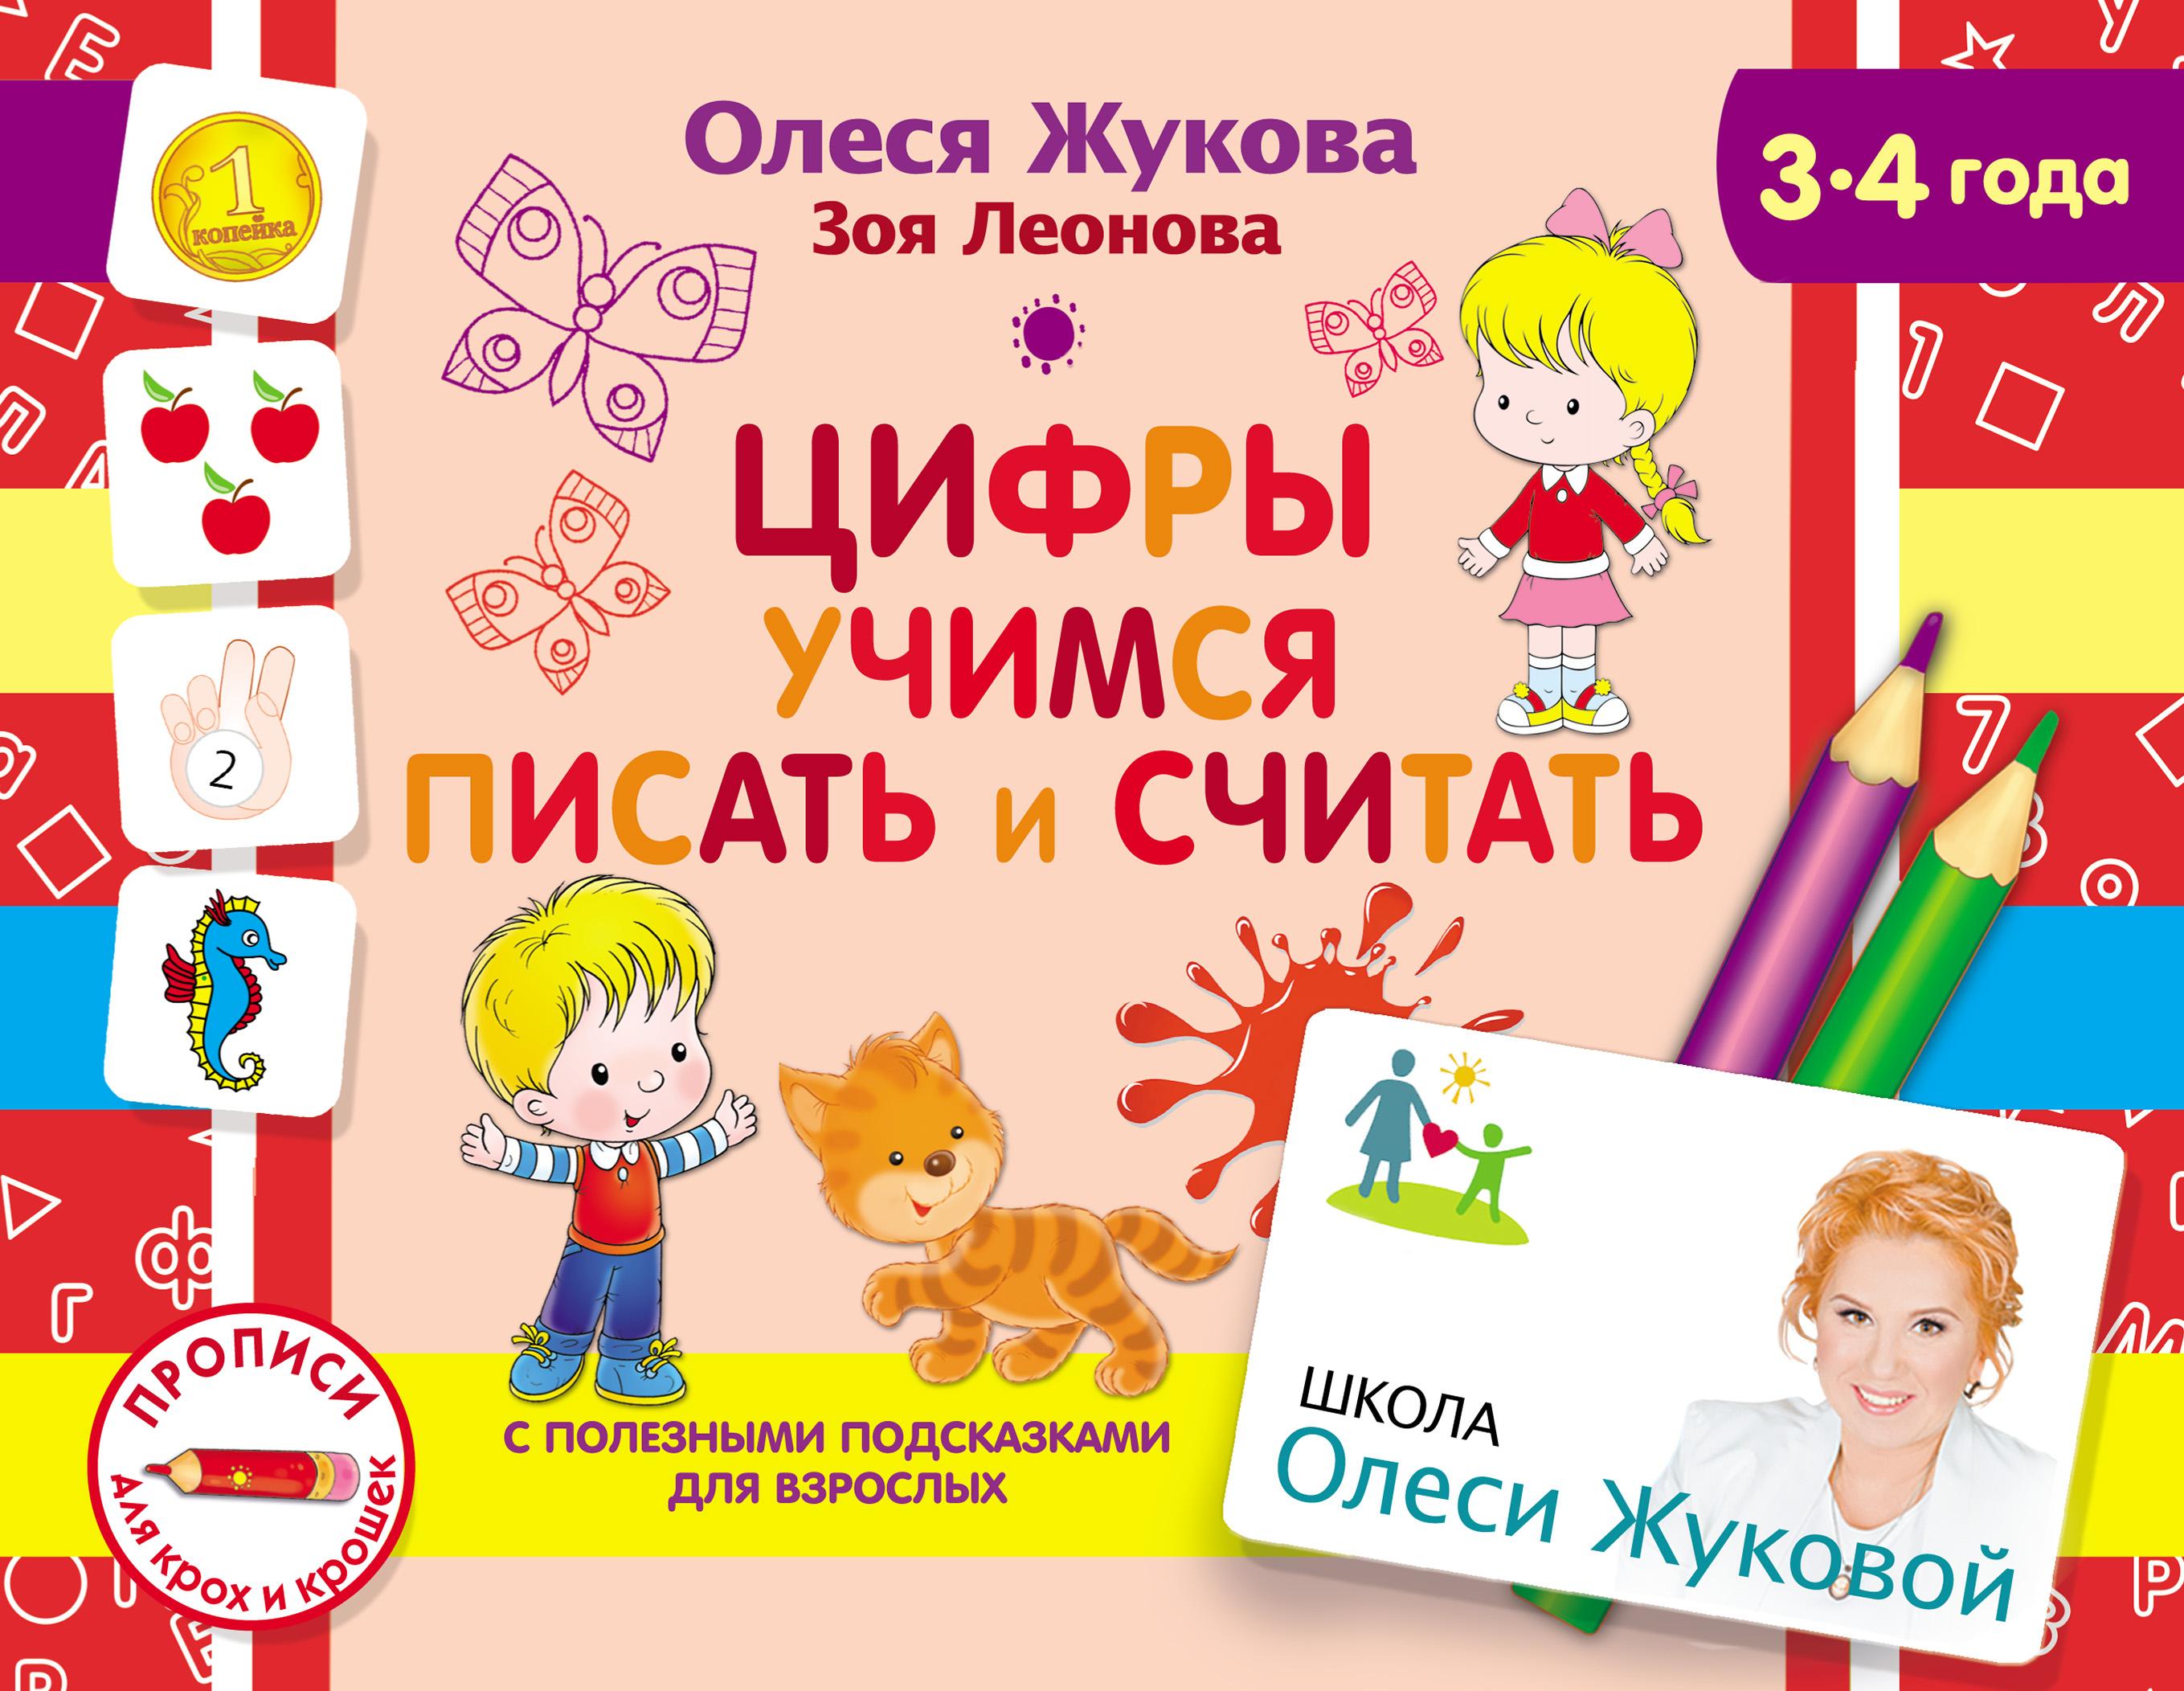 Олеся Жукова Цифры Учимся писать и считать